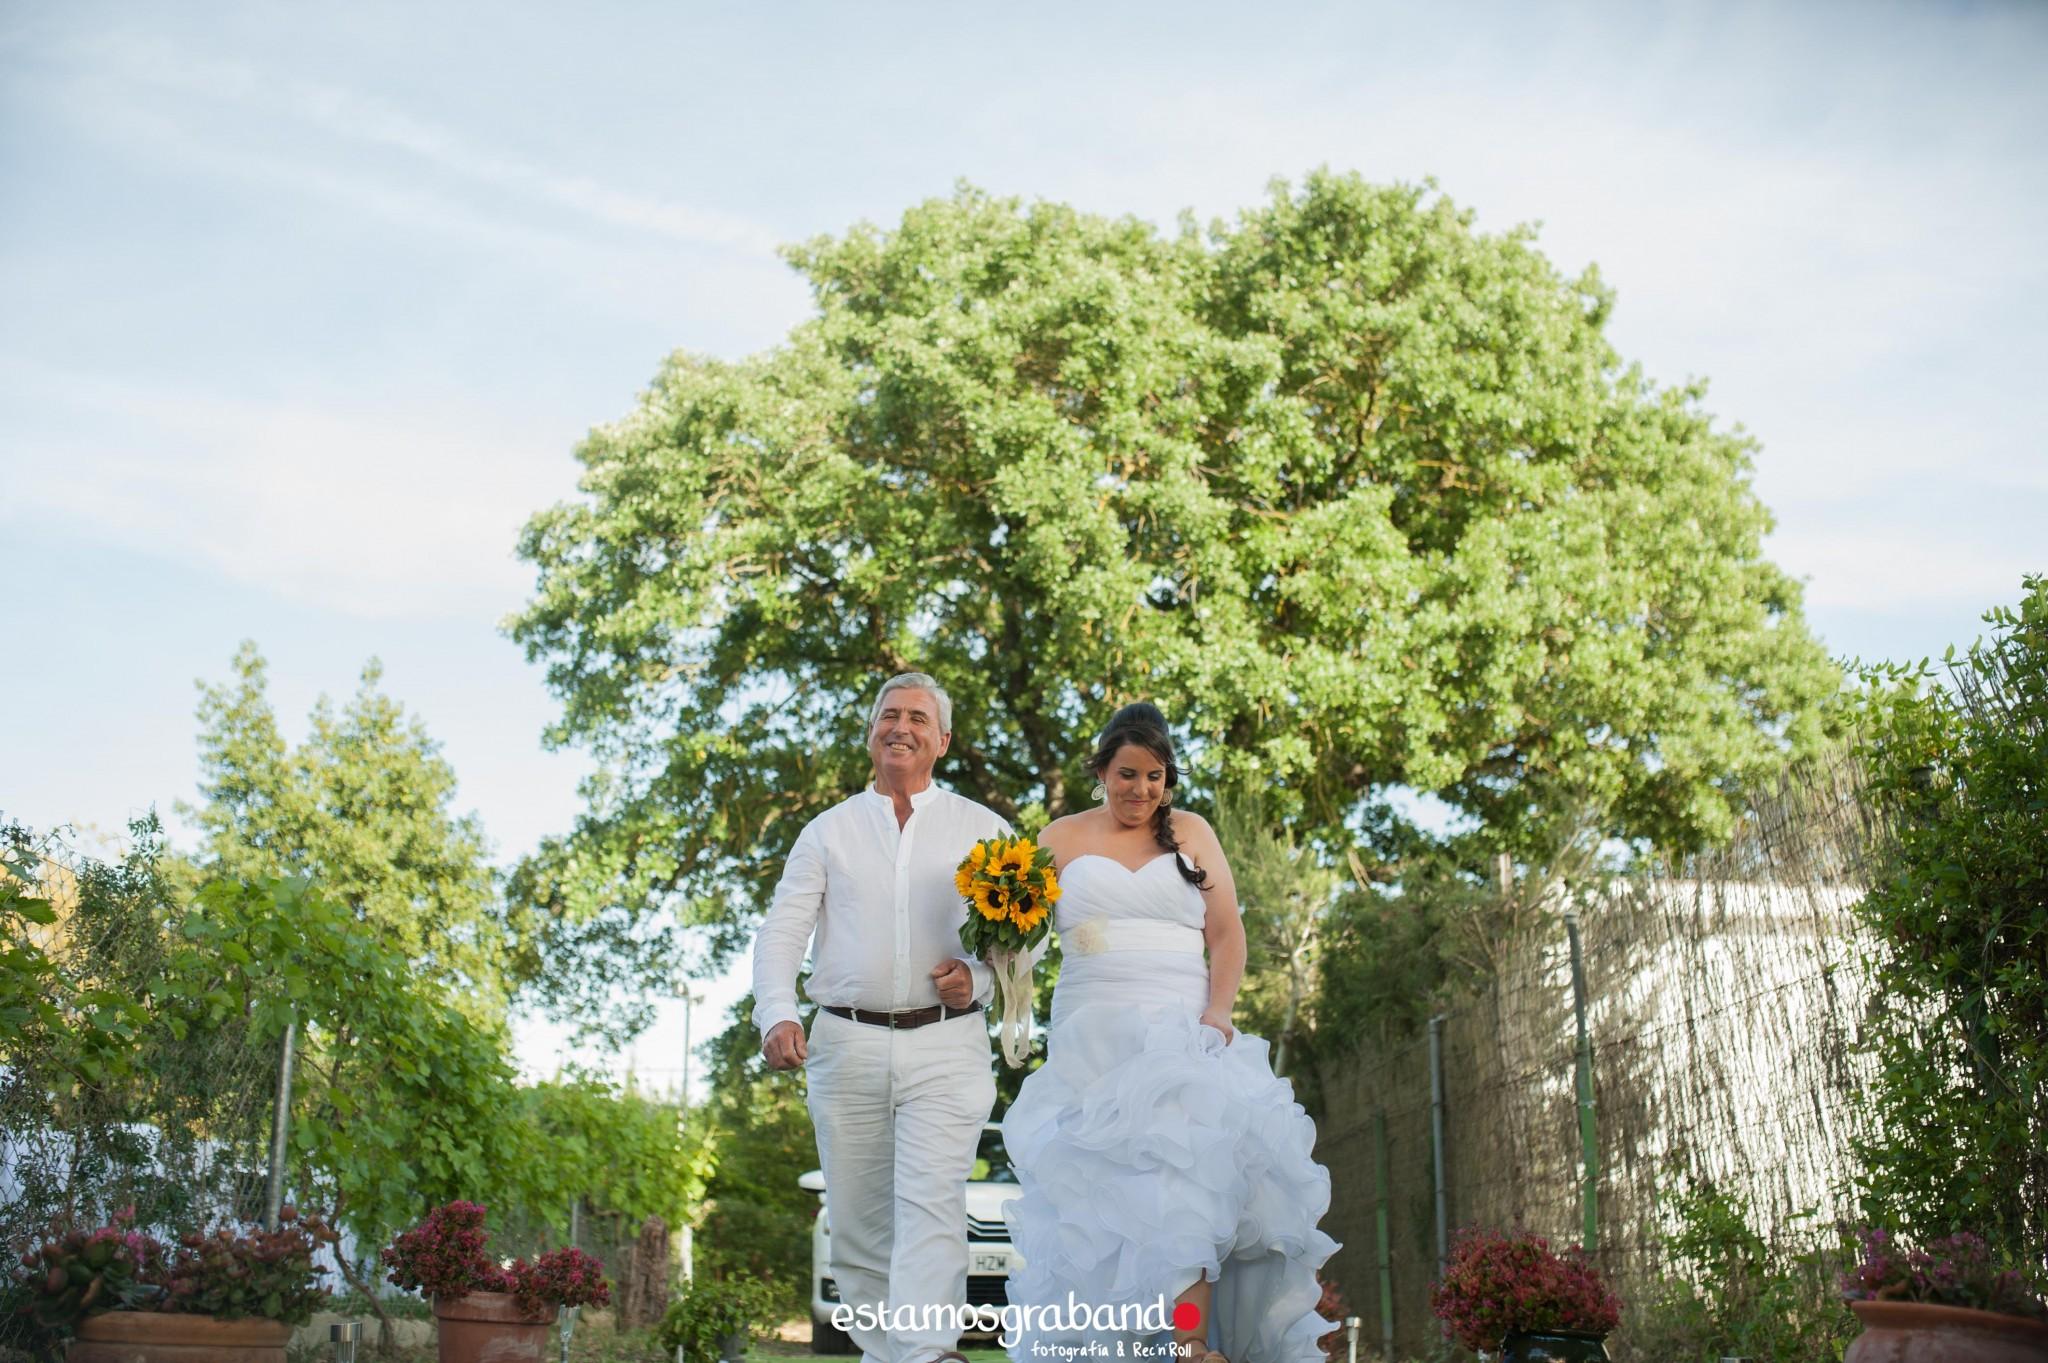 Cris-Rebeca-26 Fotografía de Boda, Rebeca & Cristina - video boda cadiz